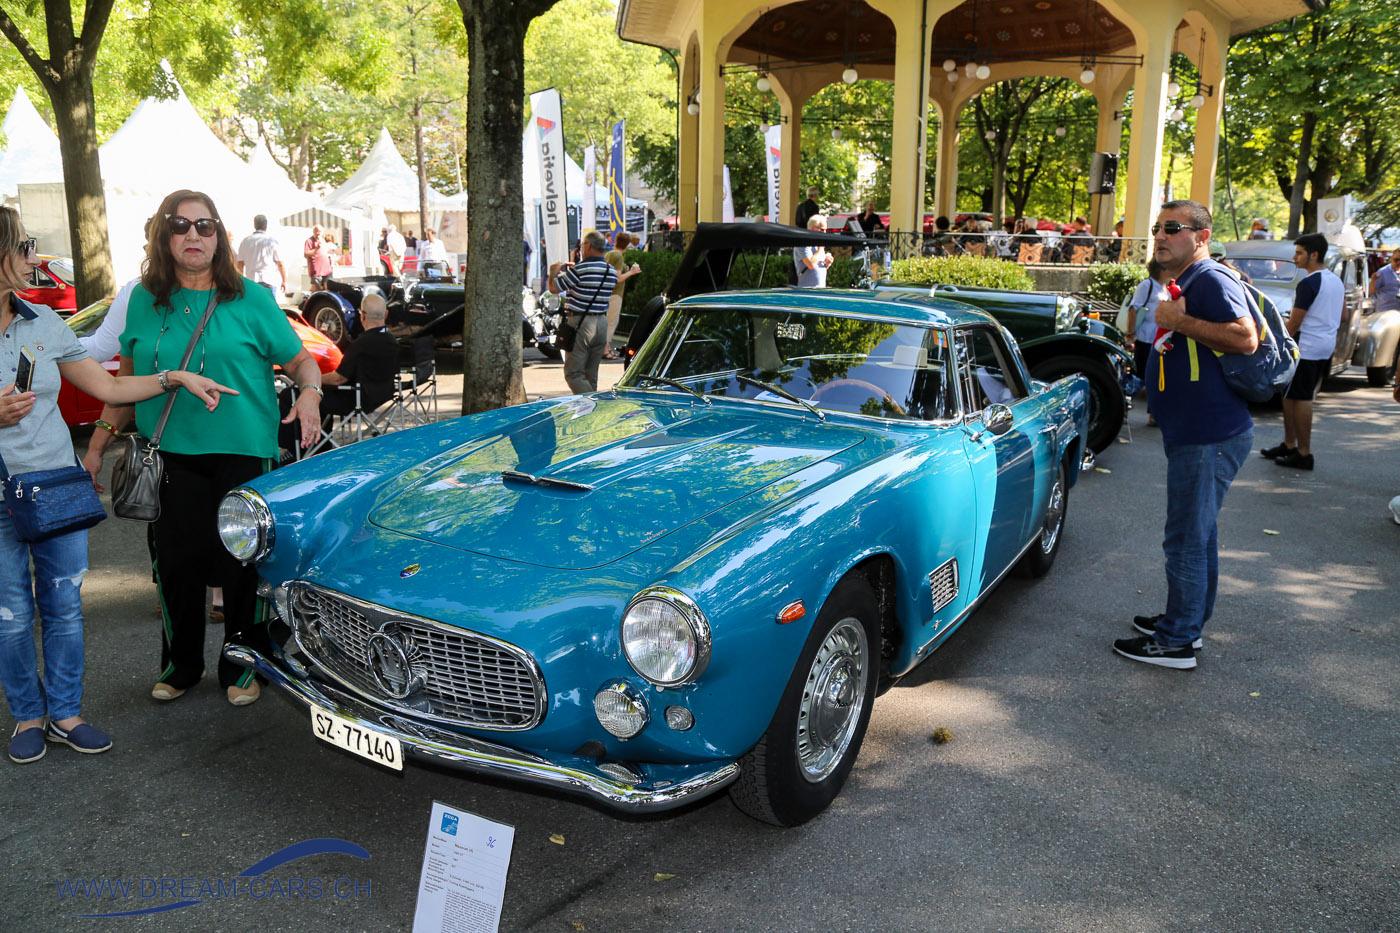 ZCCA - Zürich Classic Car Award, 22. August 2018. Der Maserati 2500 GT Touring Superleggera von 1961 ist perfekt erhalten.